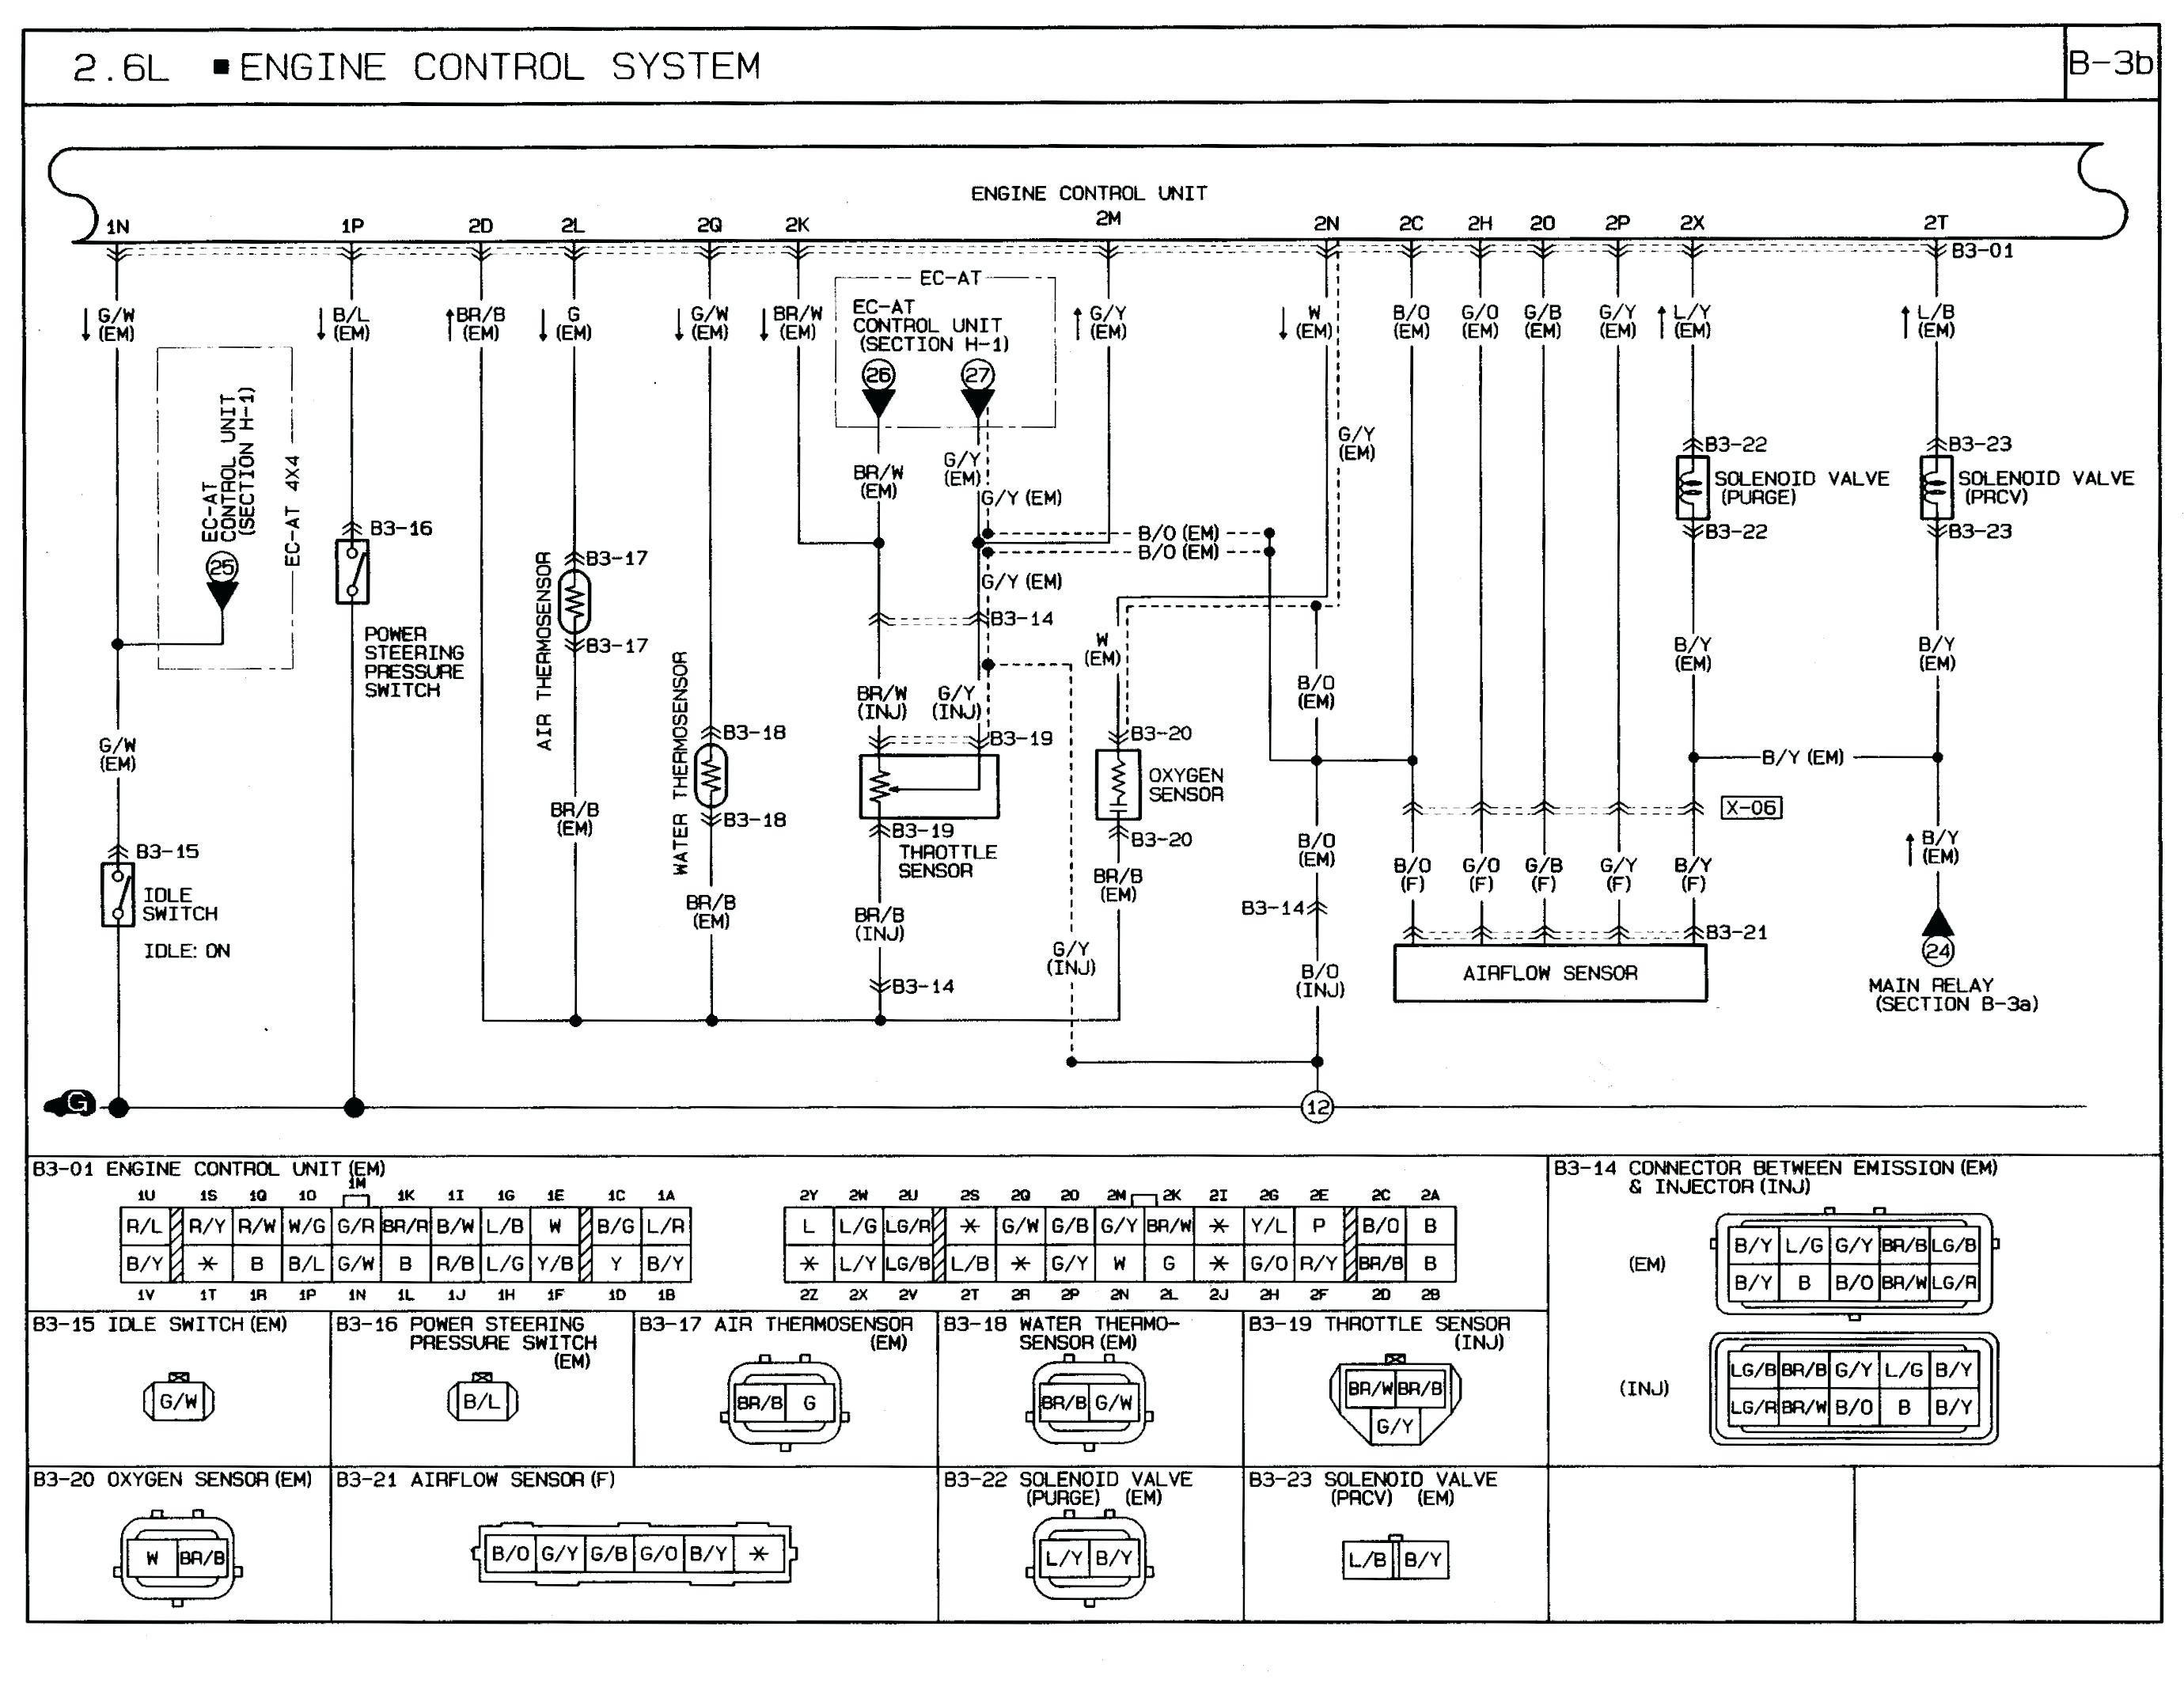 2001 Pontiac Grand Am Se Engine Diagram Pontiac Sunfire Brake Line Diagram Moreover Fuel Injector Rail Of 2001 Pontiac Grand Am Se Engine Diagram